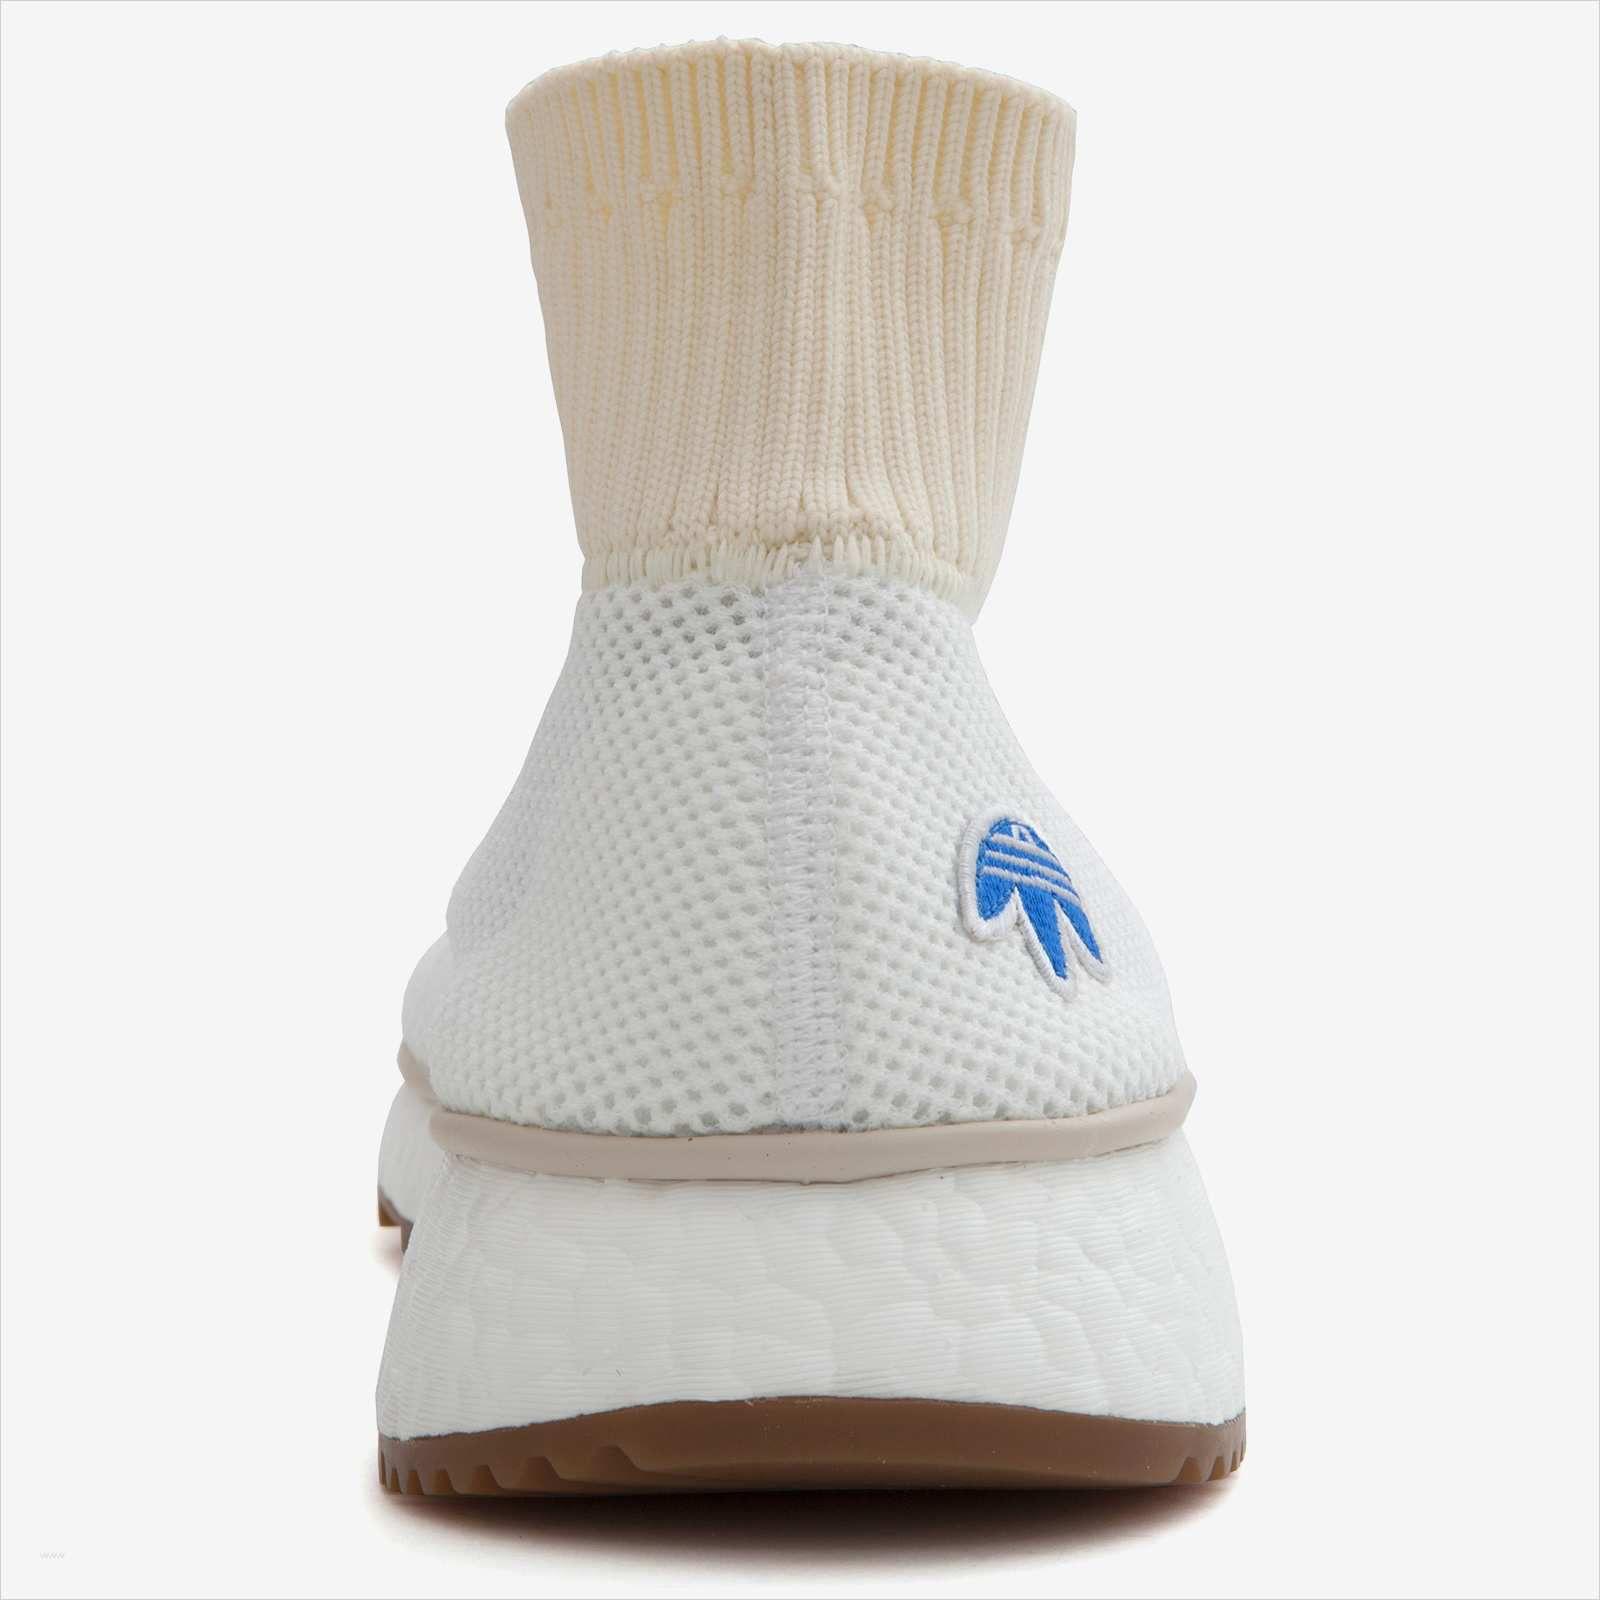 635362d353ec ADIDAS AW RUN CLEAN X ALEXANDER WANG Beige Running Shoes - Buy ...